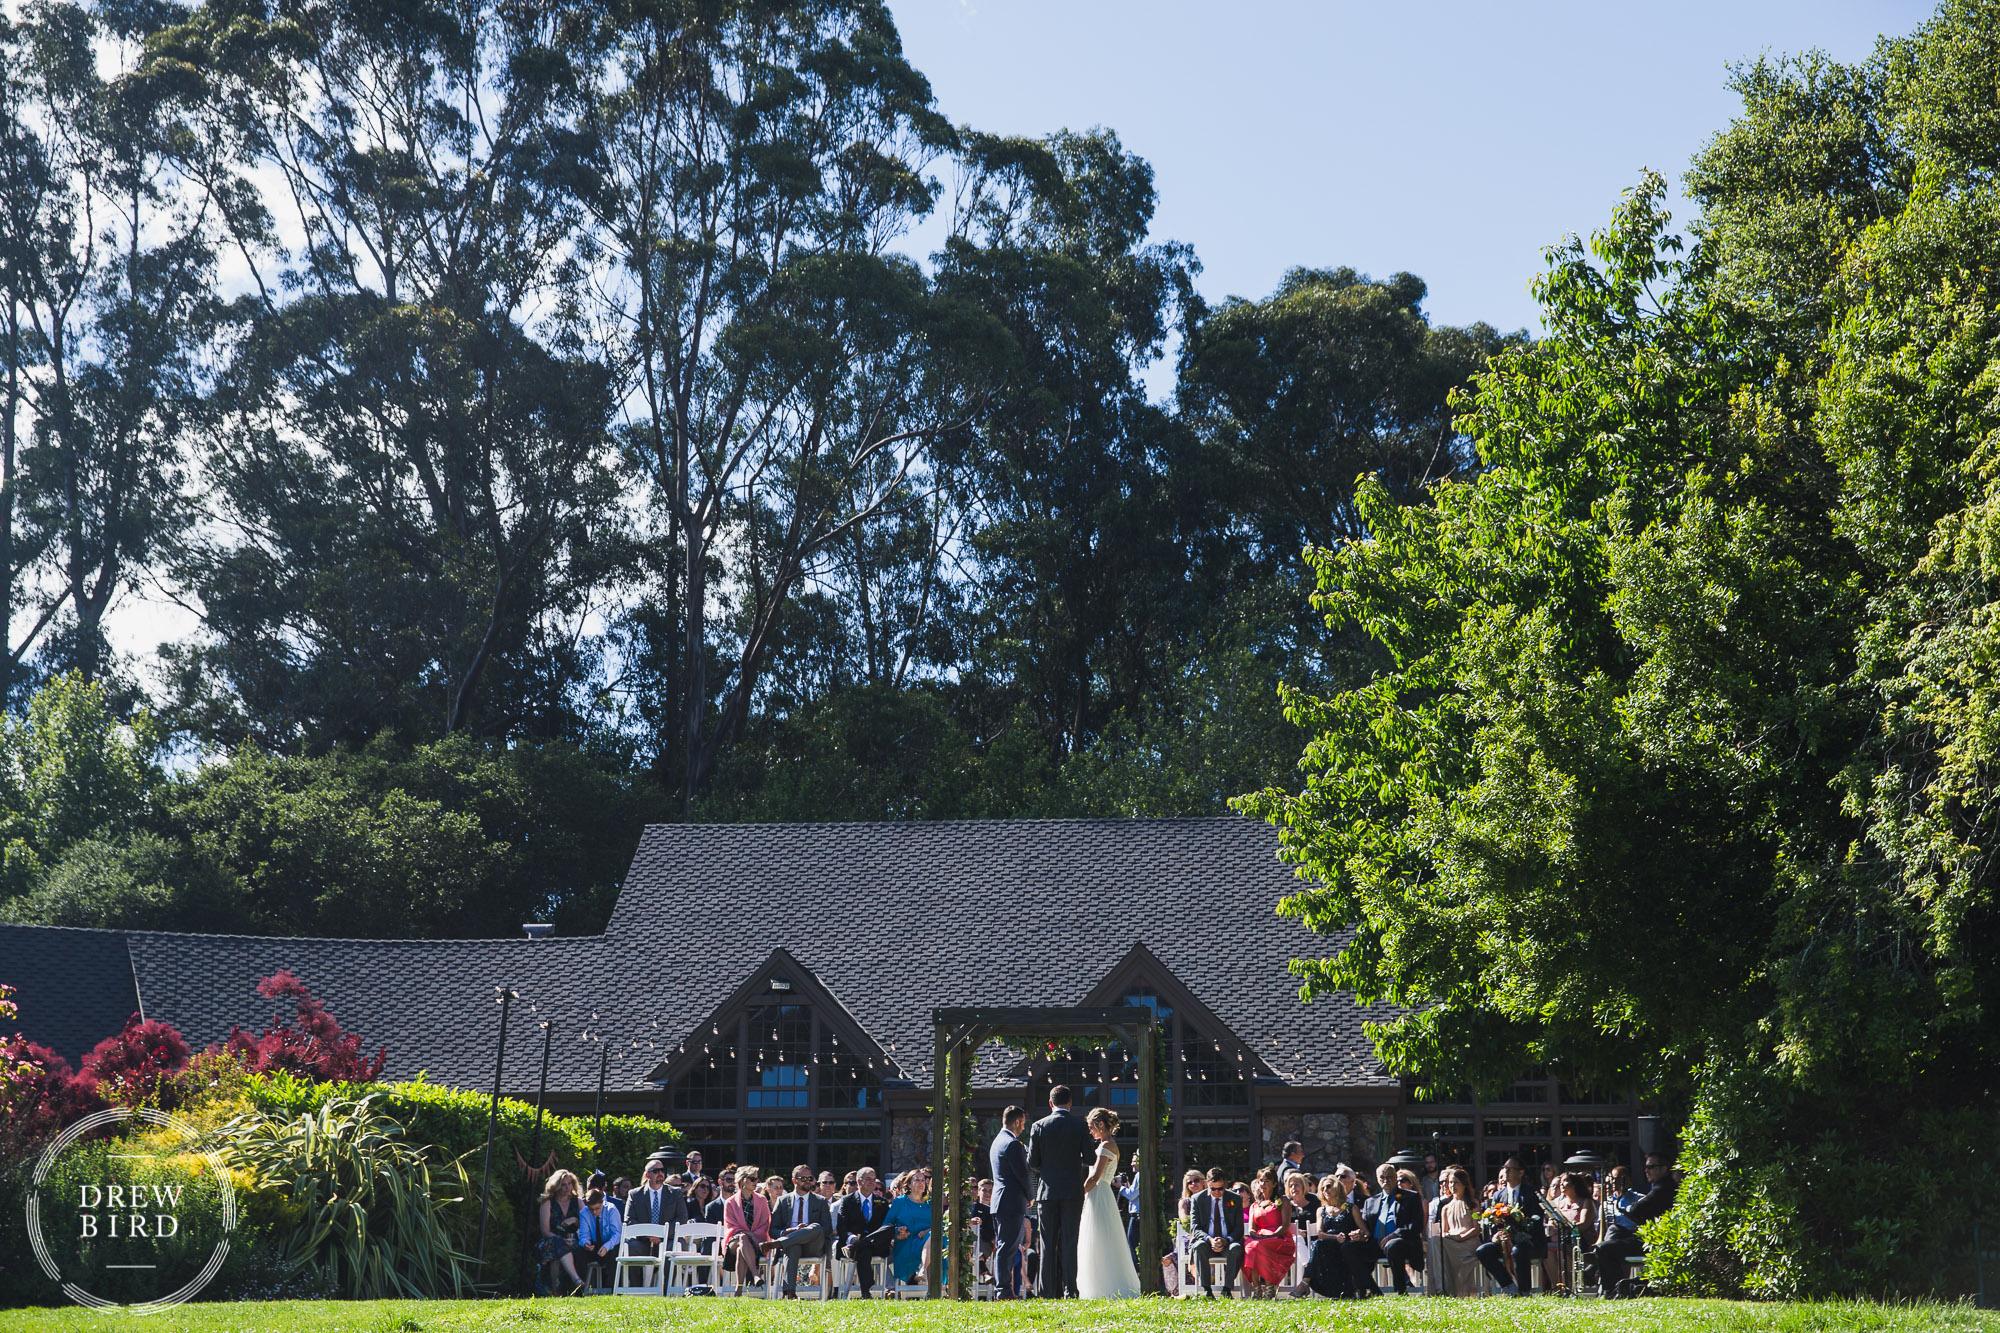 Rustic wedding venue in Berkeley. Brazilian room wedding photographer. Tilden Park outdoor wedding photos.